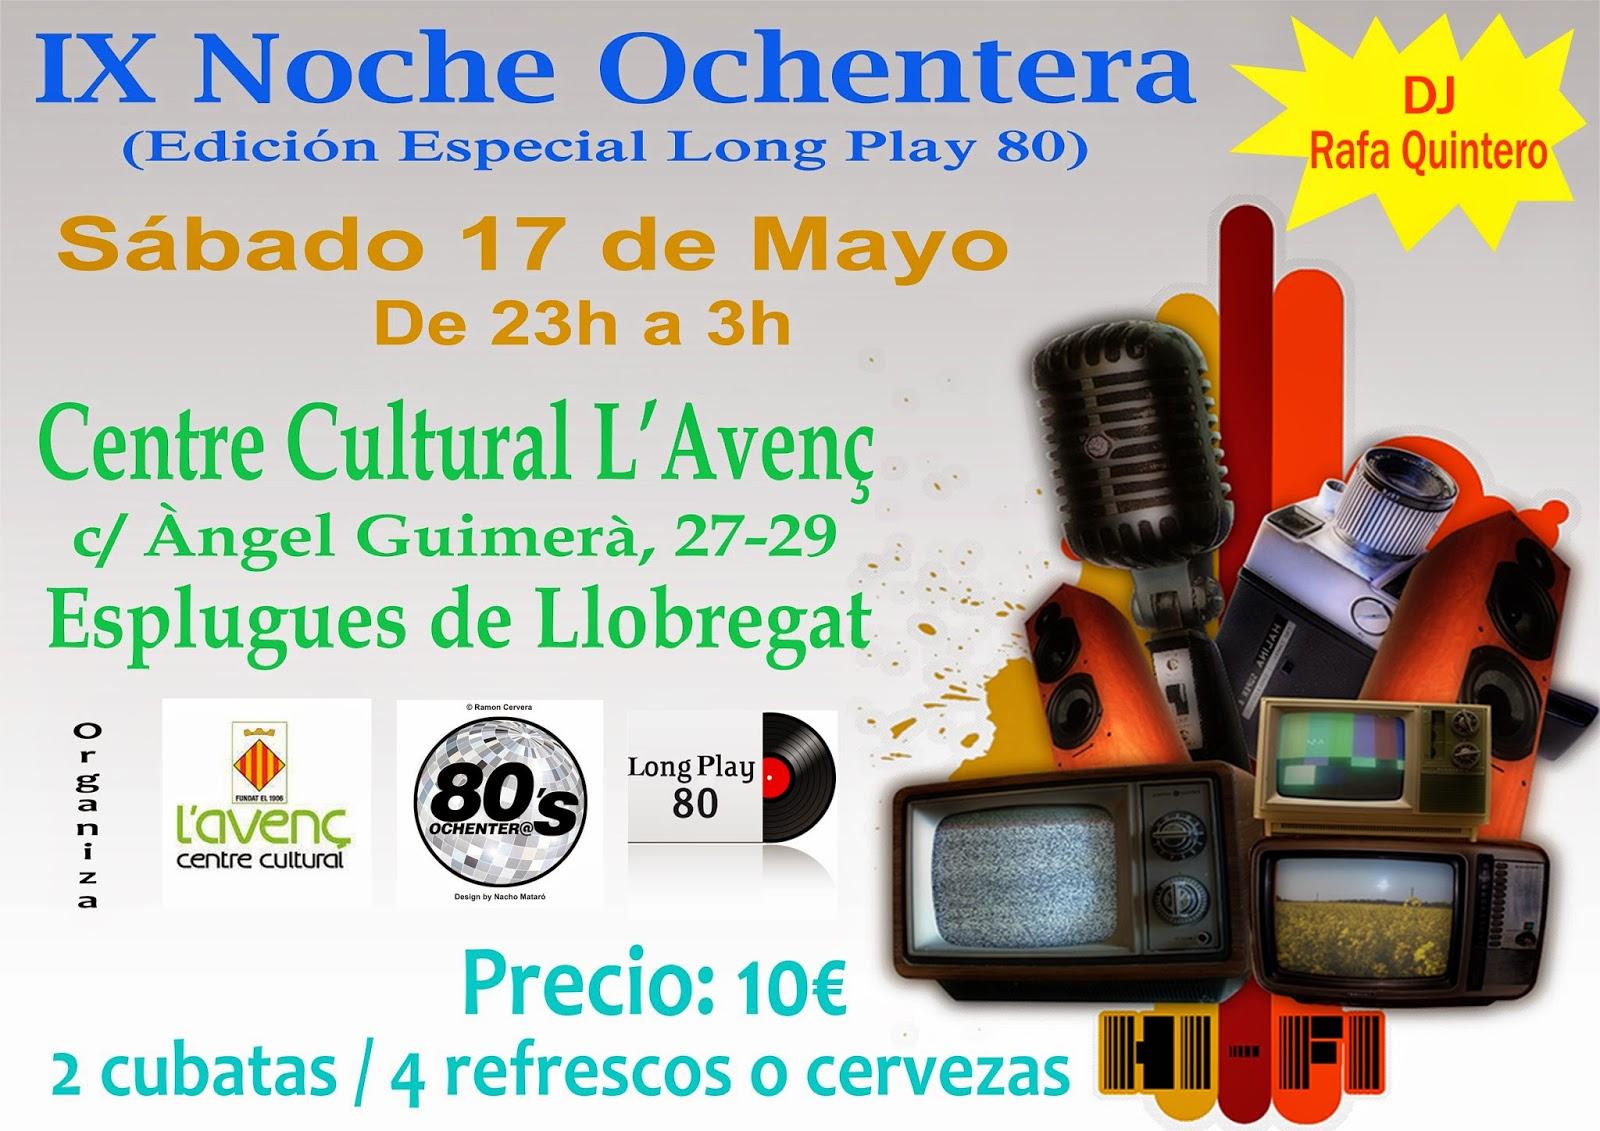 Flyer IX Noche Ochentera 17/05/2014